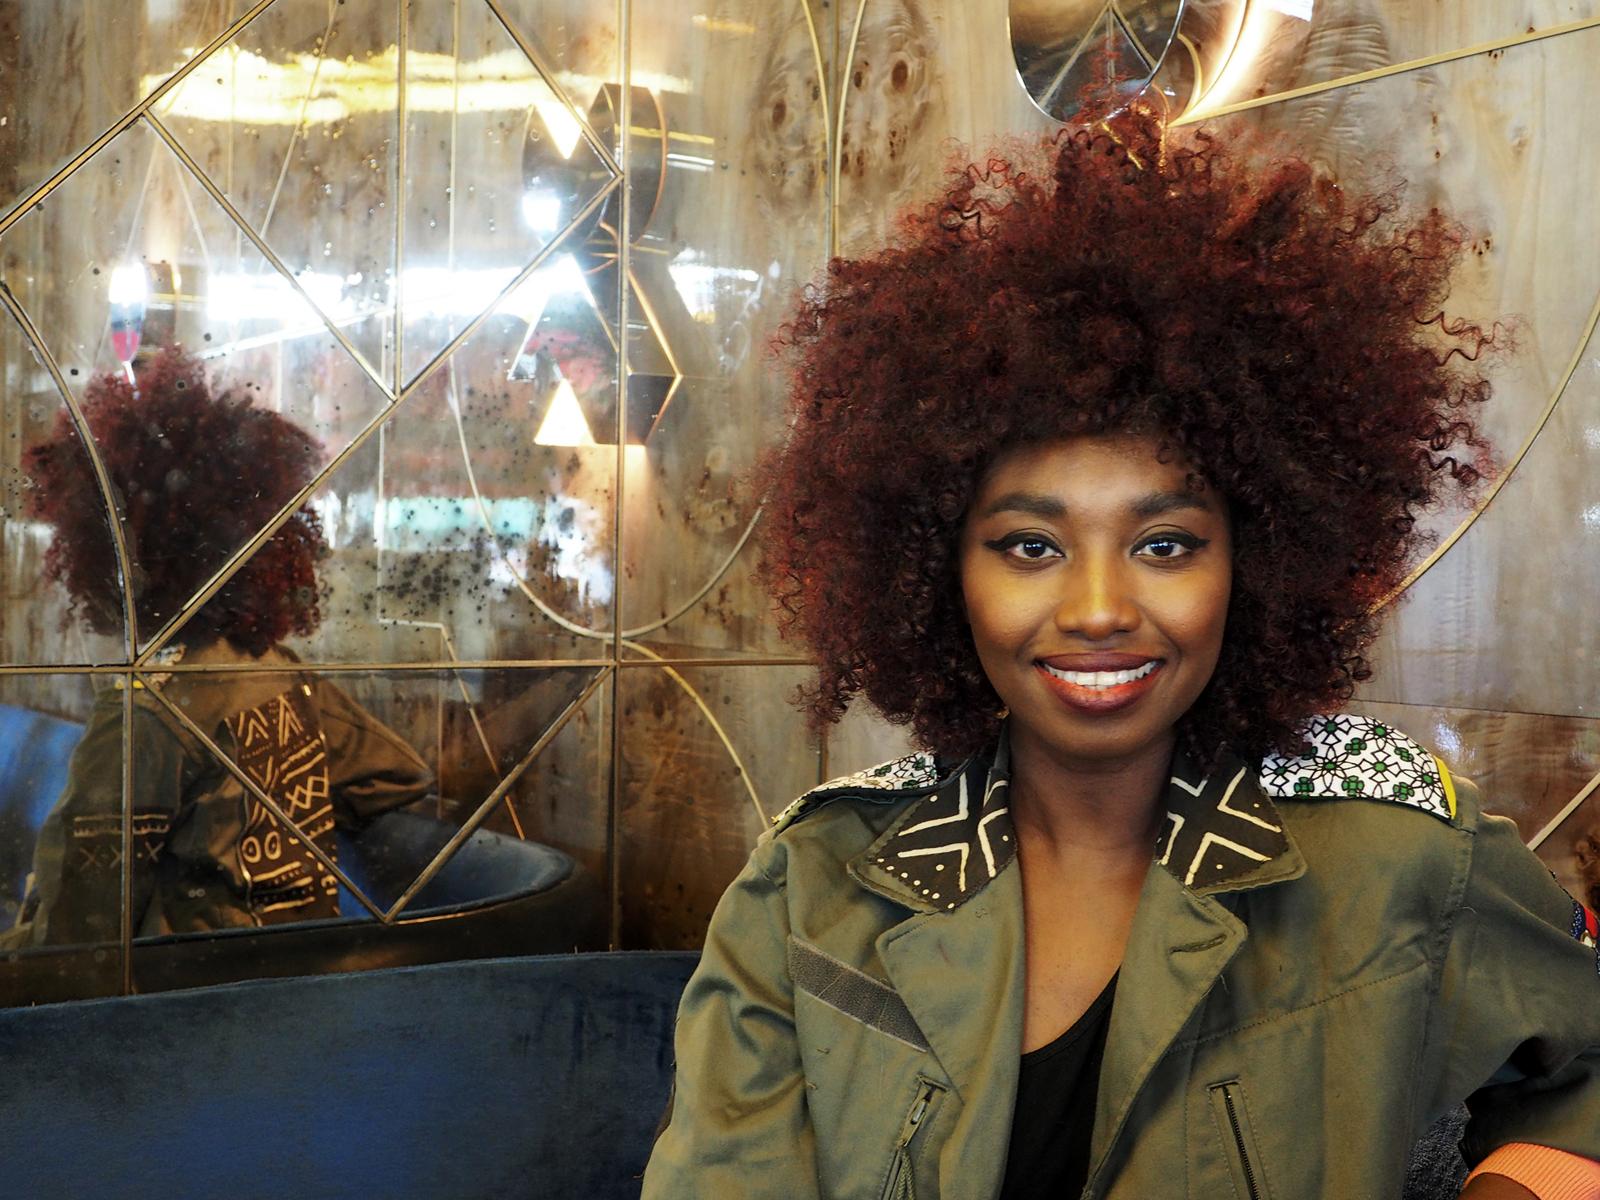 Le sourire de la chanteuse Inna Modja smile interview pour nouvel album Motel Bamako warner music 2015 photo originale united states of paris blog usofparis